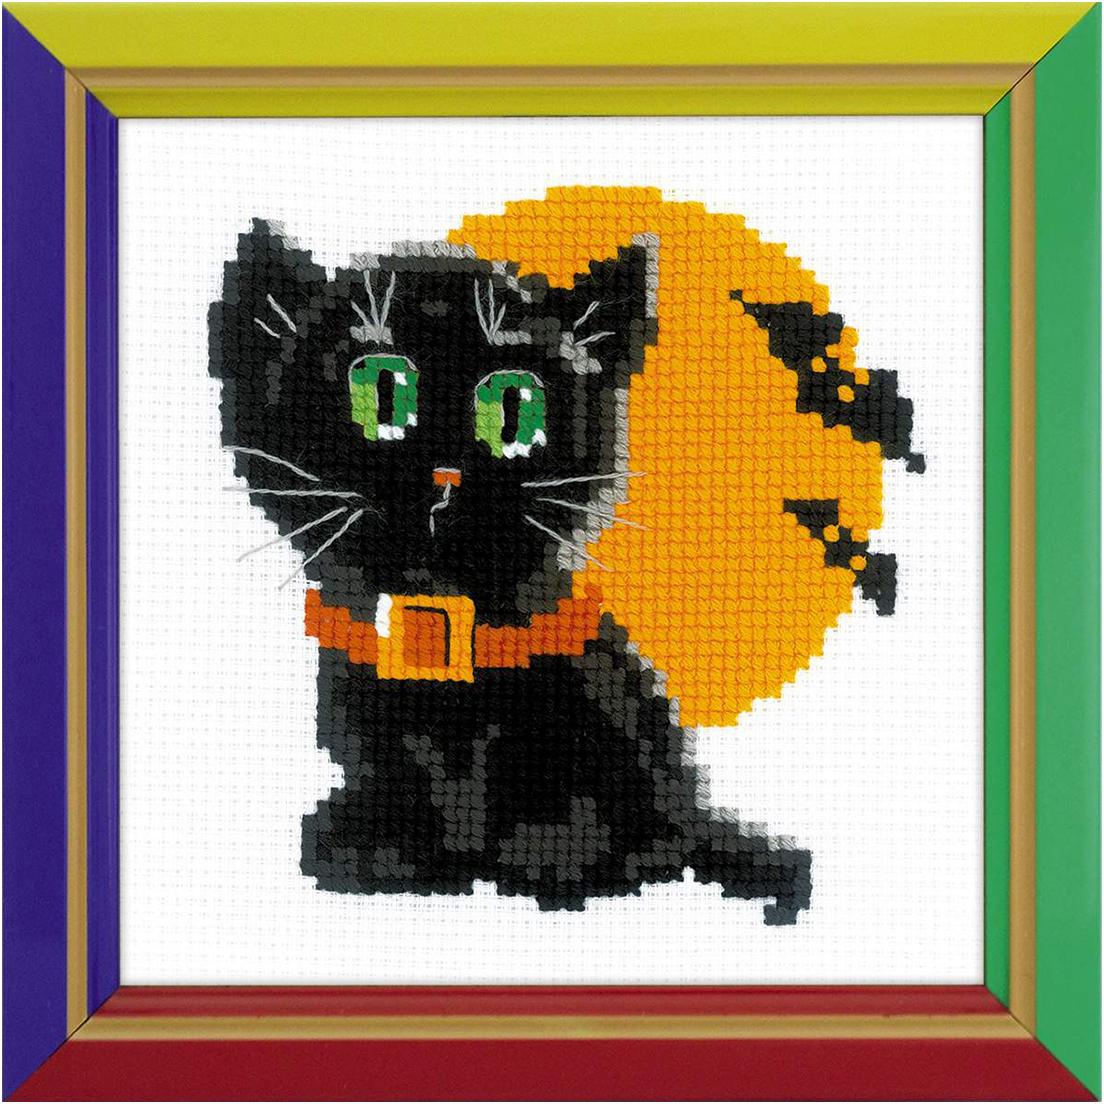 Набор для вышивания крестом Риолис Черный кот, 15 х 15 см552125Красивый рисунок-вышивка, выполненный на канве, выглядит оригинально и всегда модно. Работа, сделанная своими руками, создаст особый уют и атмосферу в доме и долгие годы будет радовать вас и ваших близких. Набор для вышивания Риолис содержит все необходимые материалы для вышивания в технике счетный крест. В состав набора входит: - канва, - нитки-мулине, - игла для вышивания, - схема, - инструкция.